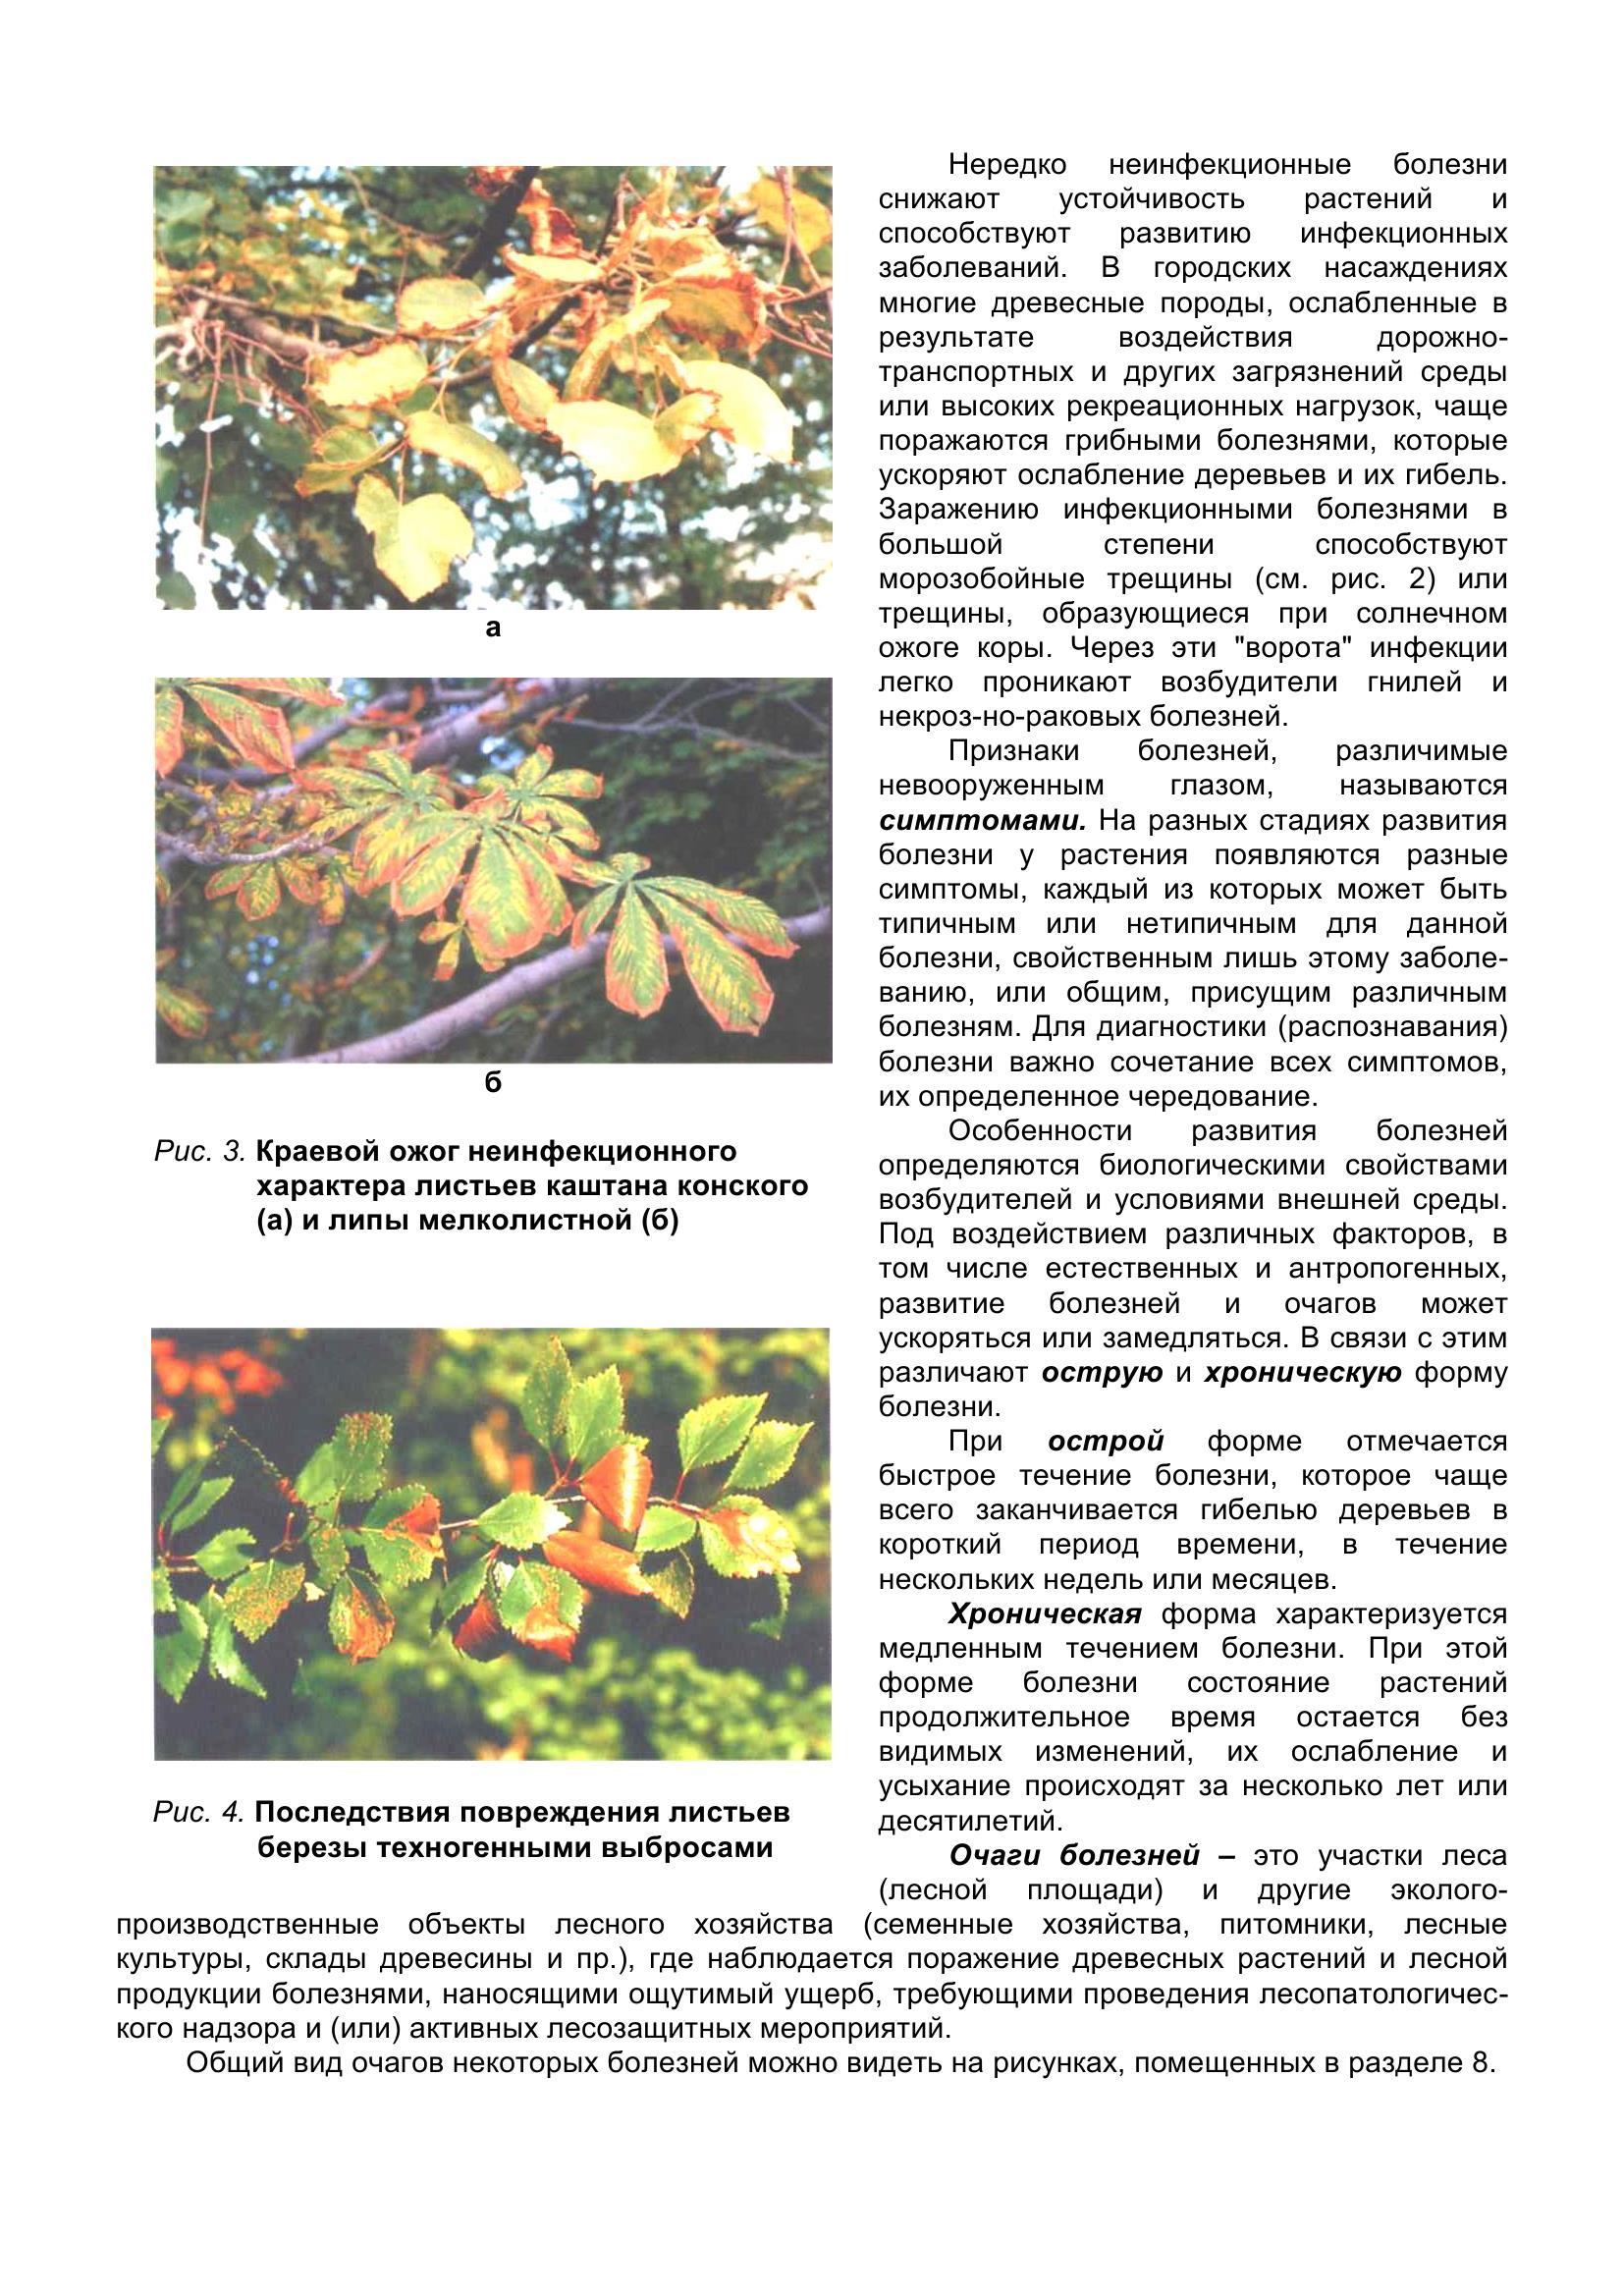 Болезни_древесных_растений_013.jpg